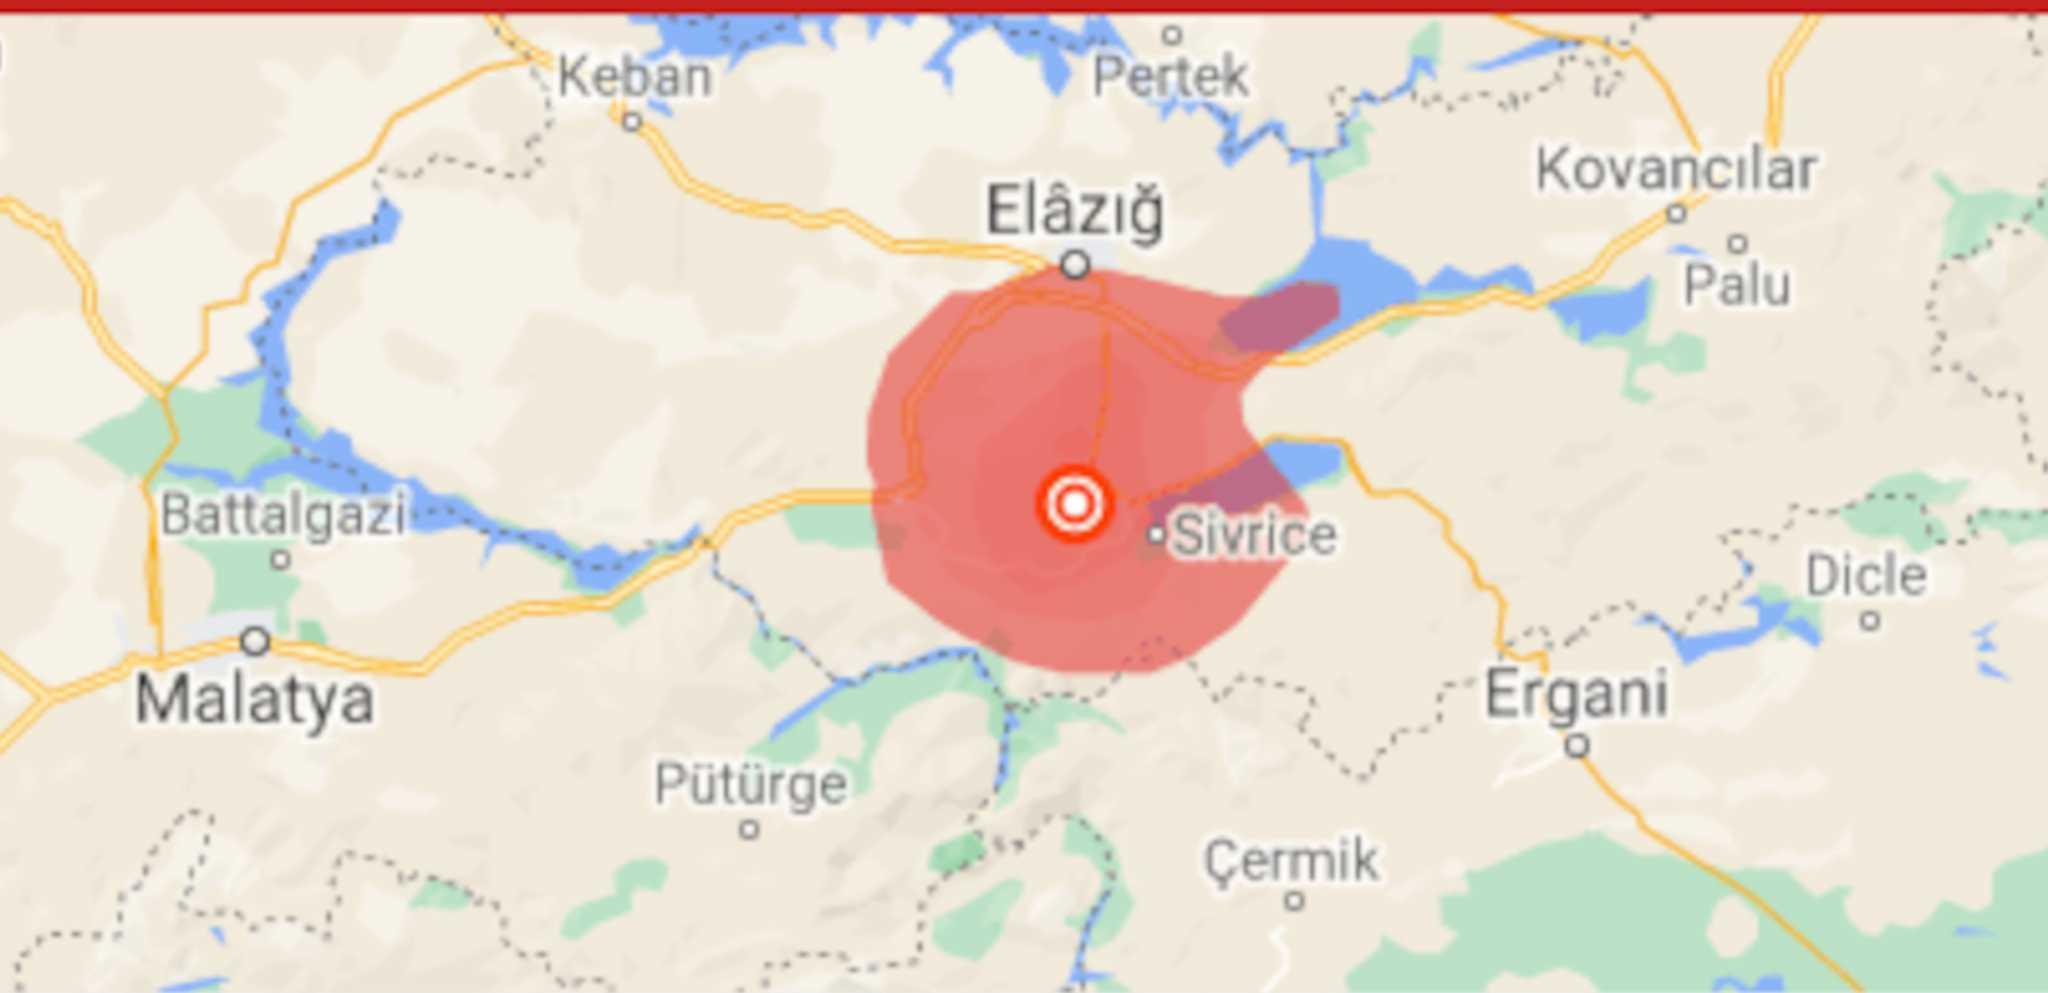 Σεισμός 5,4 Ρίχτερ στην Τουρκία